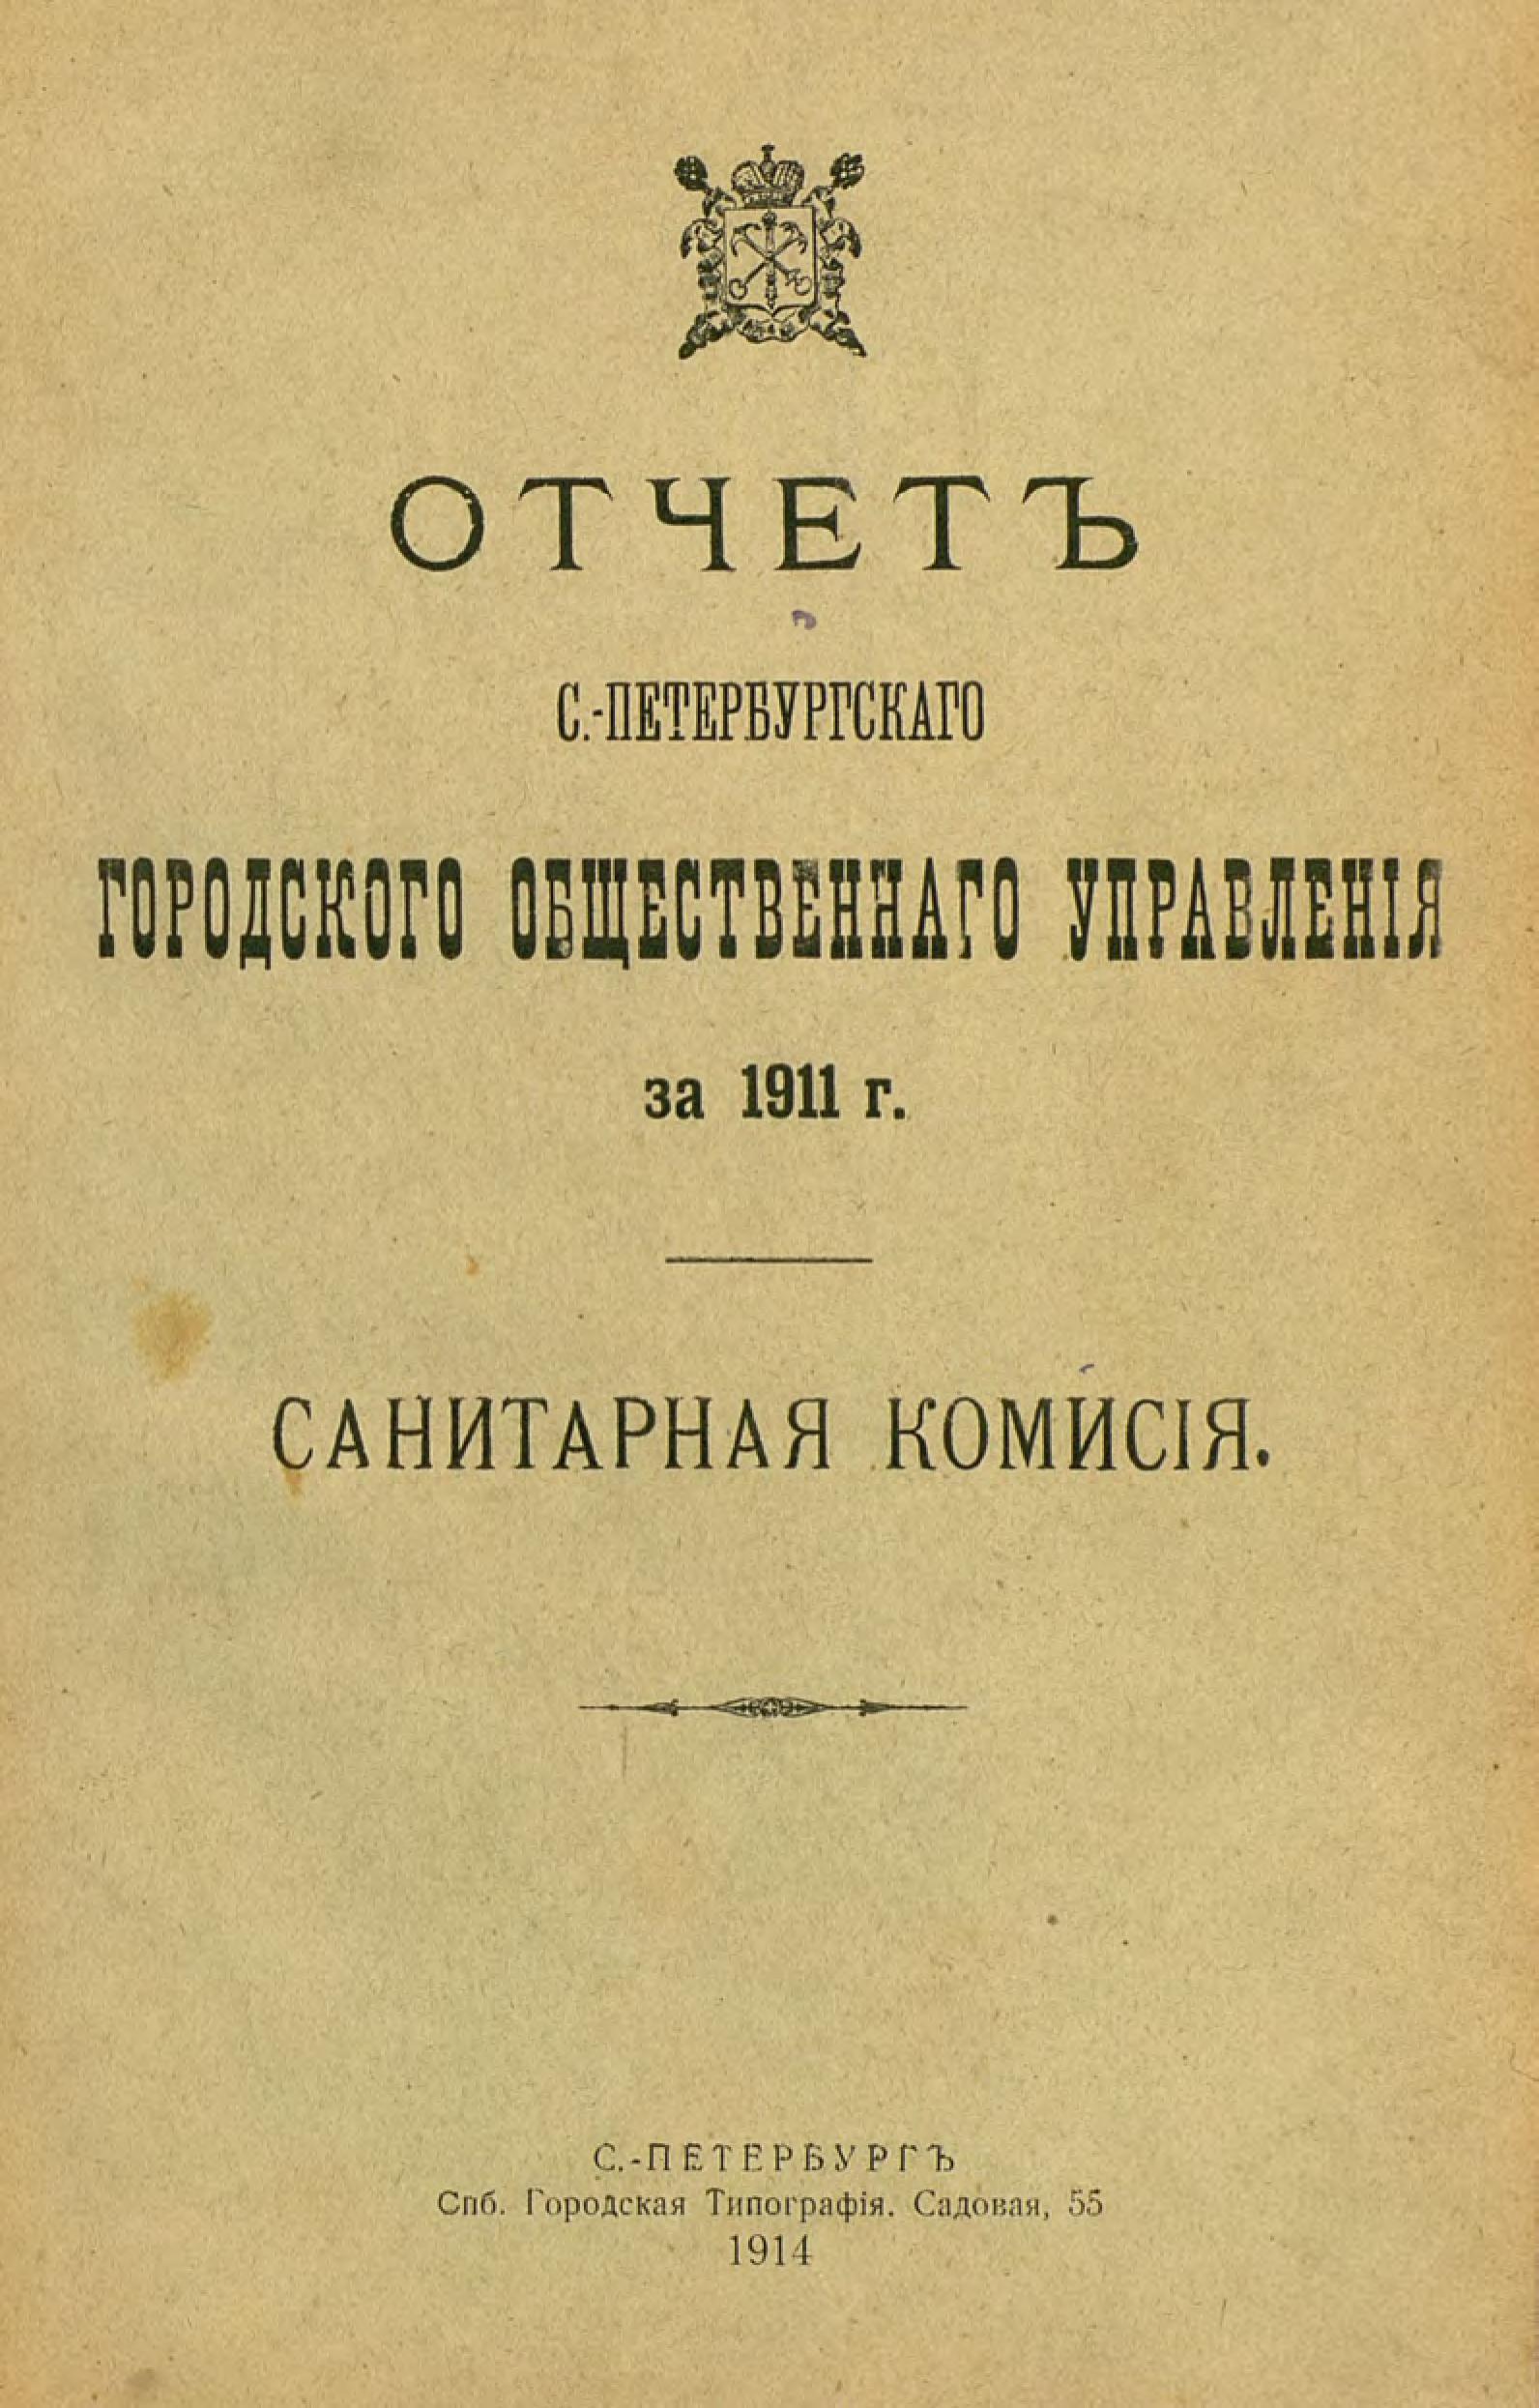 Коллектив авторов Отчет городской управы за 1911 г. Часть 7 коллектив авторов отчет городской управы за 1913 г часть 8